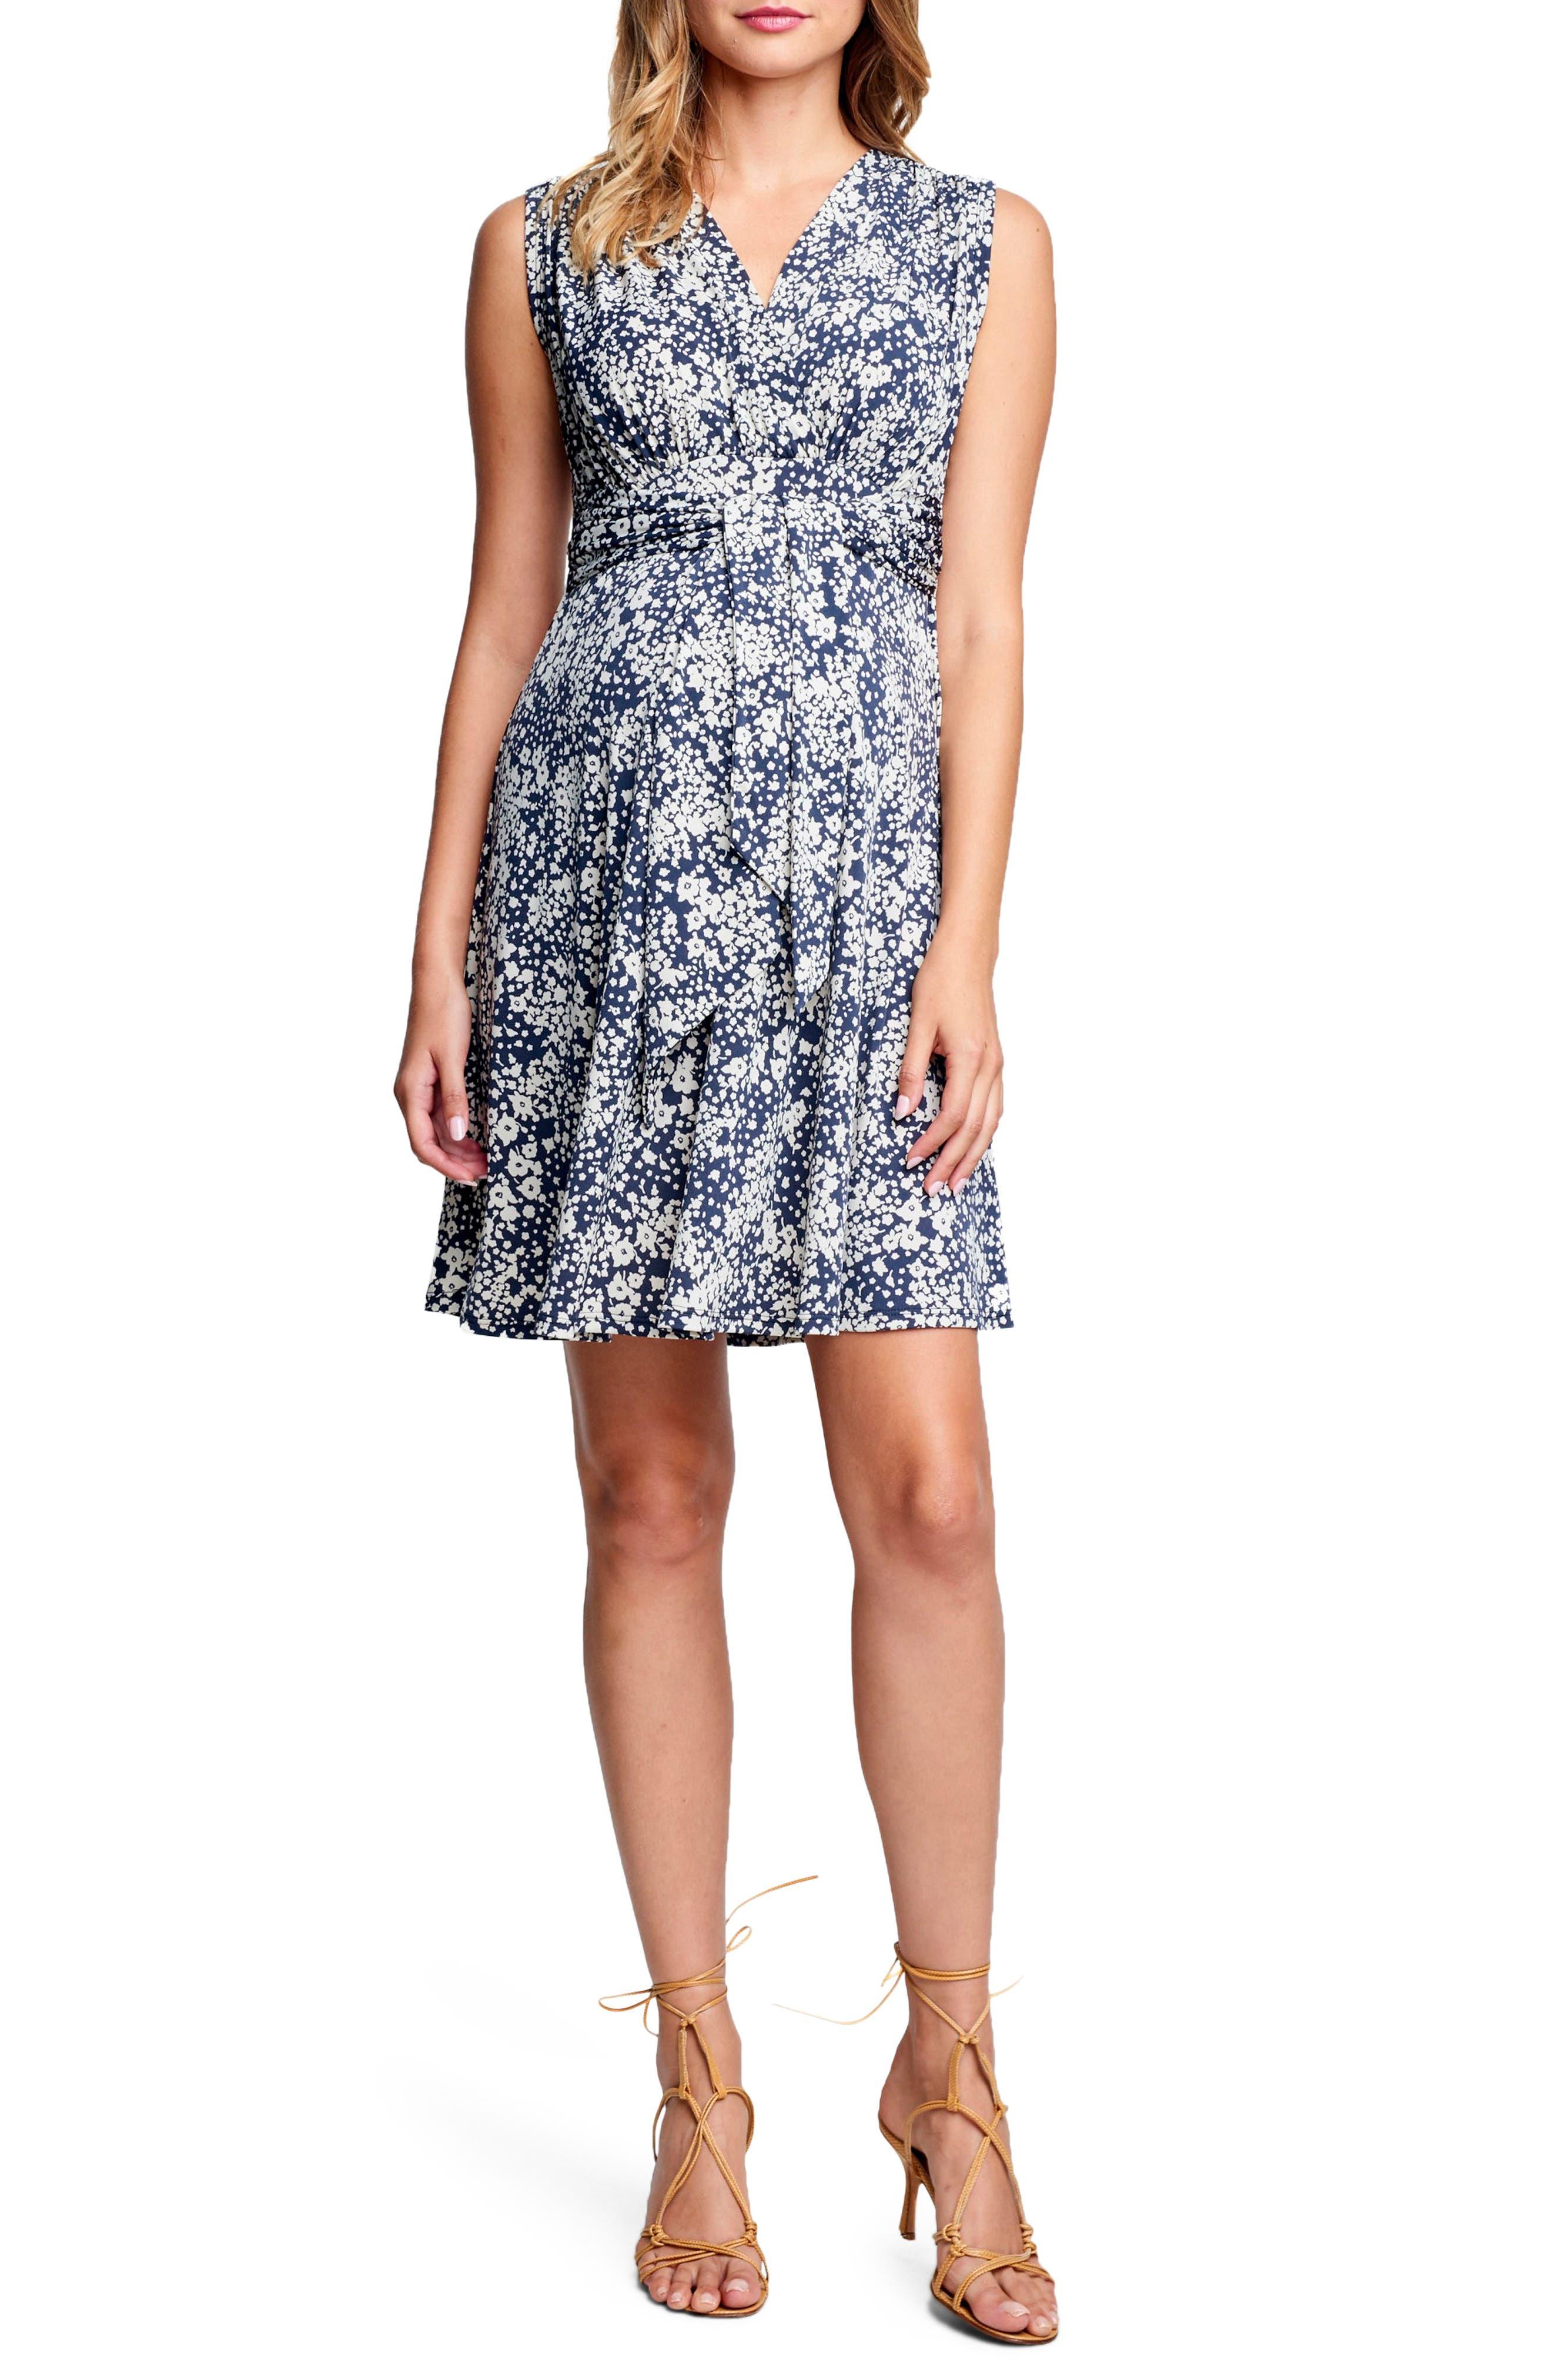 6e3939ec990 Women s Empire Waist Dresses